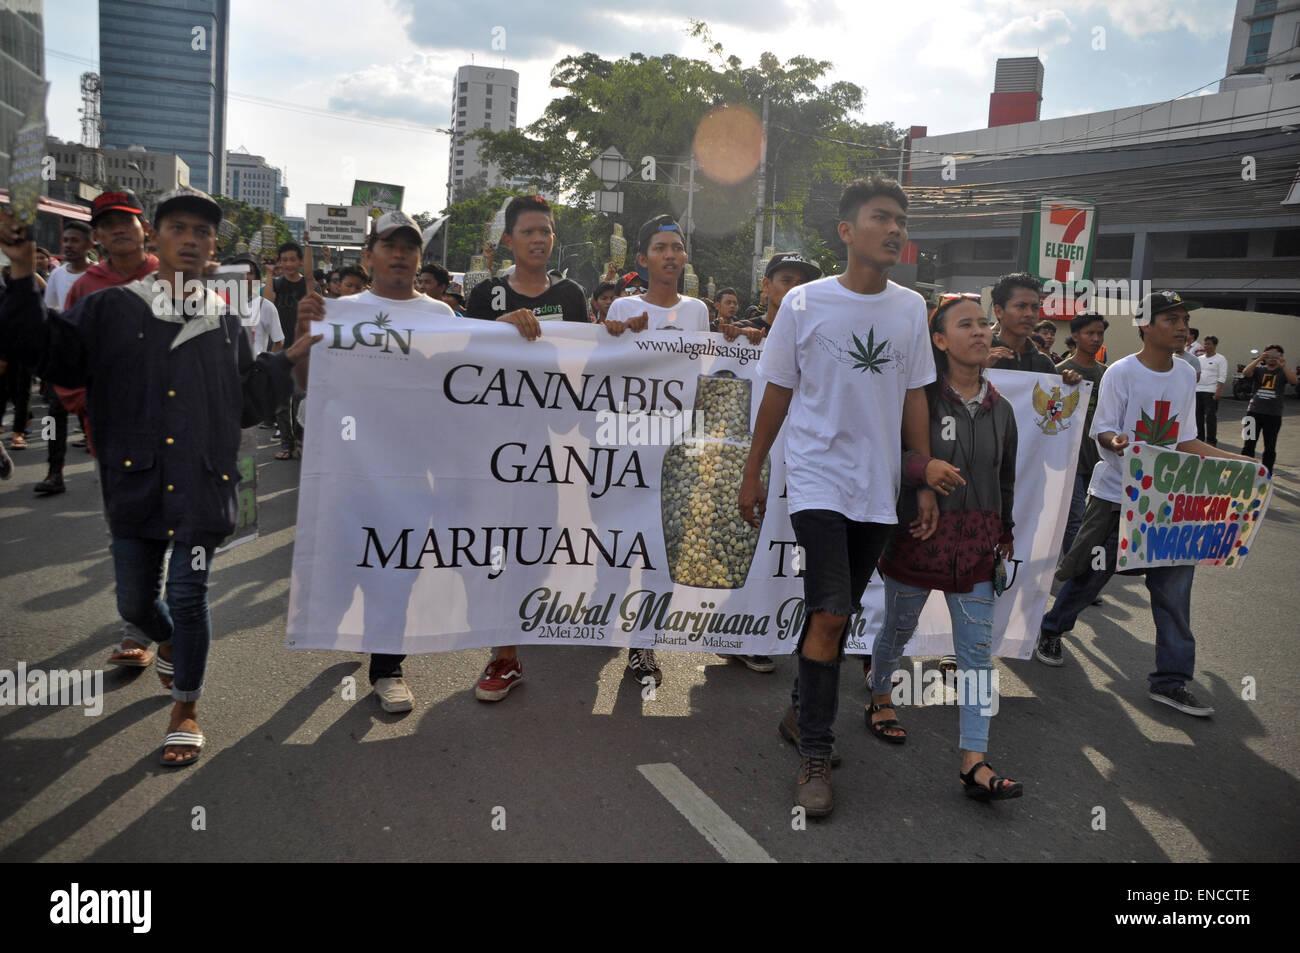 Jakarta, Indonesia. 2nd May, 2015. Hundreds of activists from the group LGN (Legalizing Marijuana) gather around - Stock Image